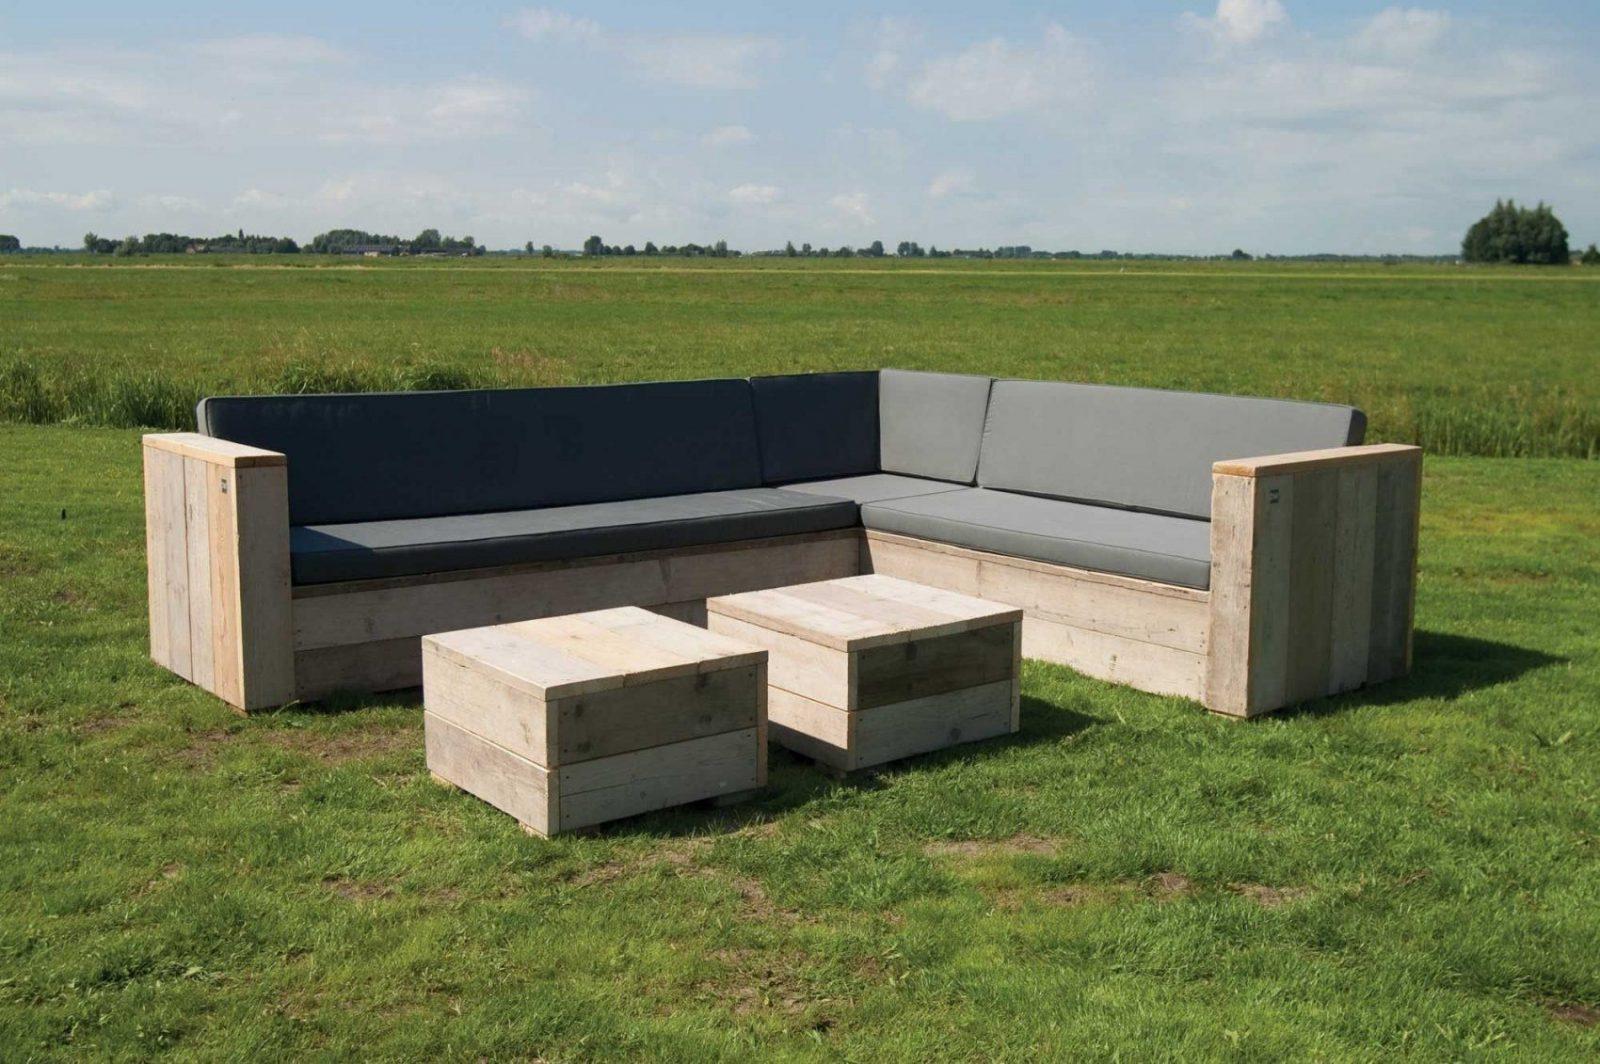 Gartenset Eckbank Aus Unbehandeltem Gerüstholz Mit Tisch Lounge von Möbel Aus Bauholz Selber Bauen Bild